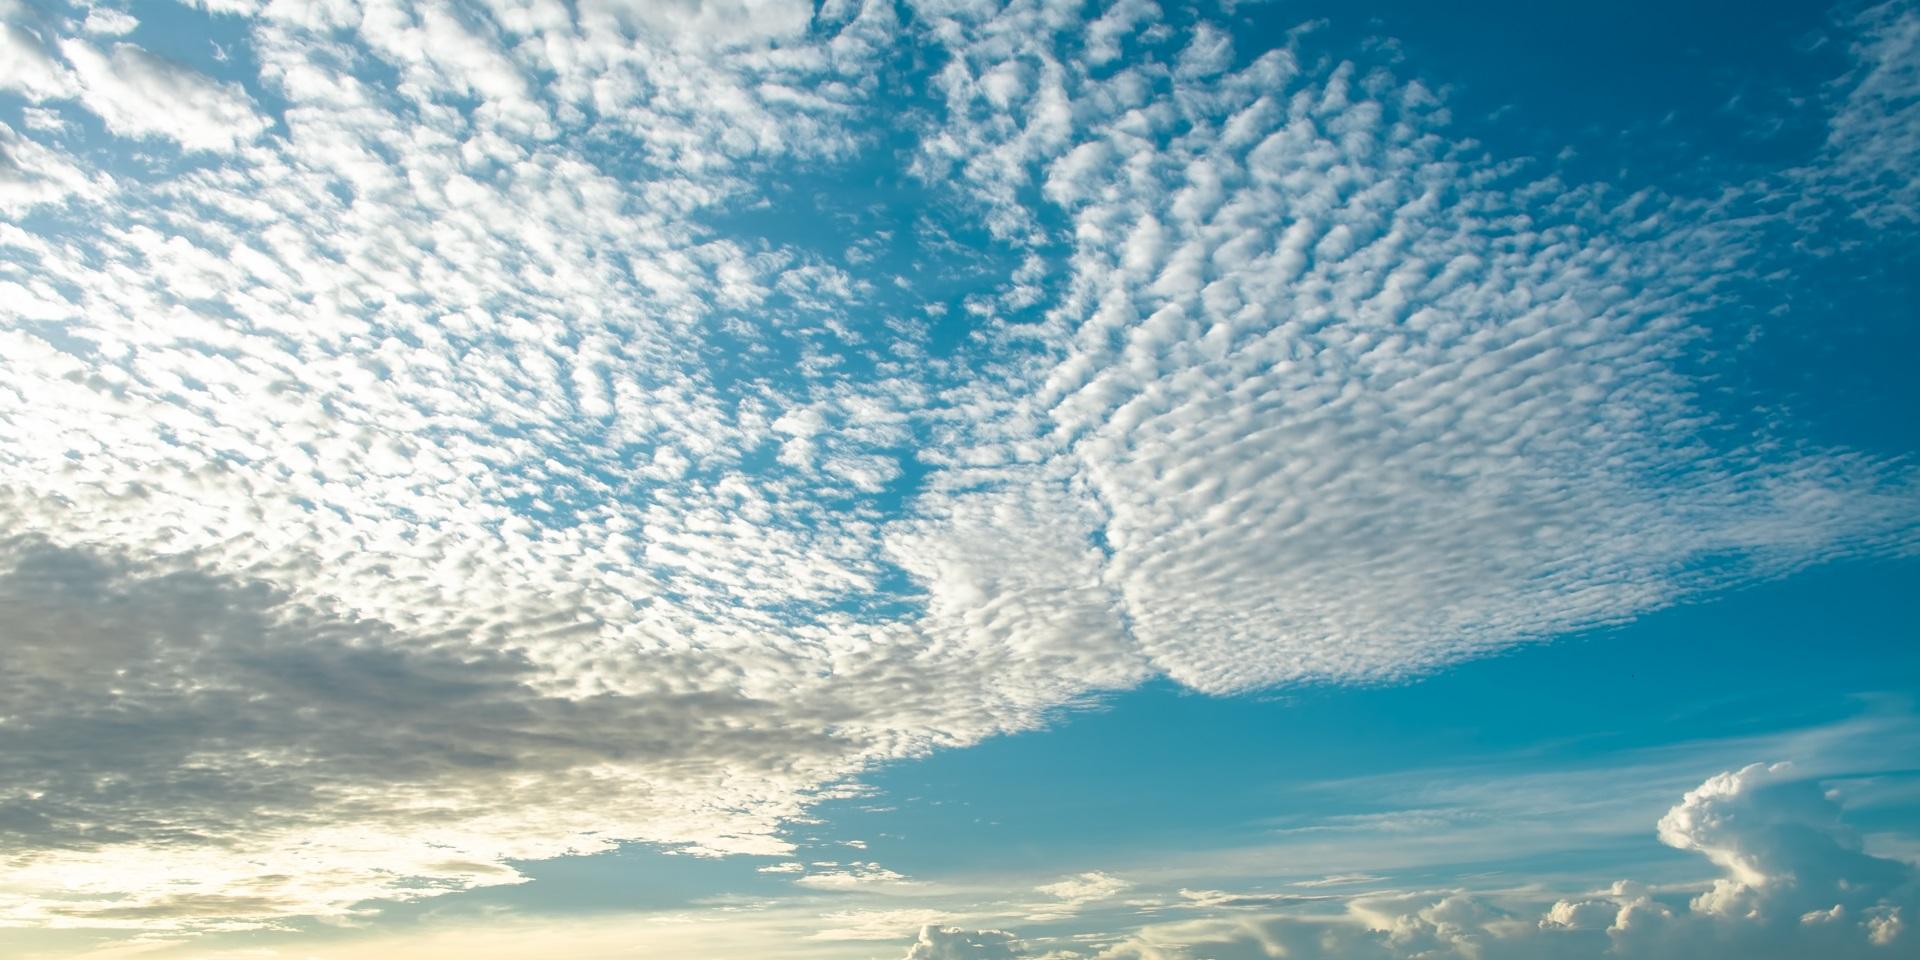 altocumulus clouds met office